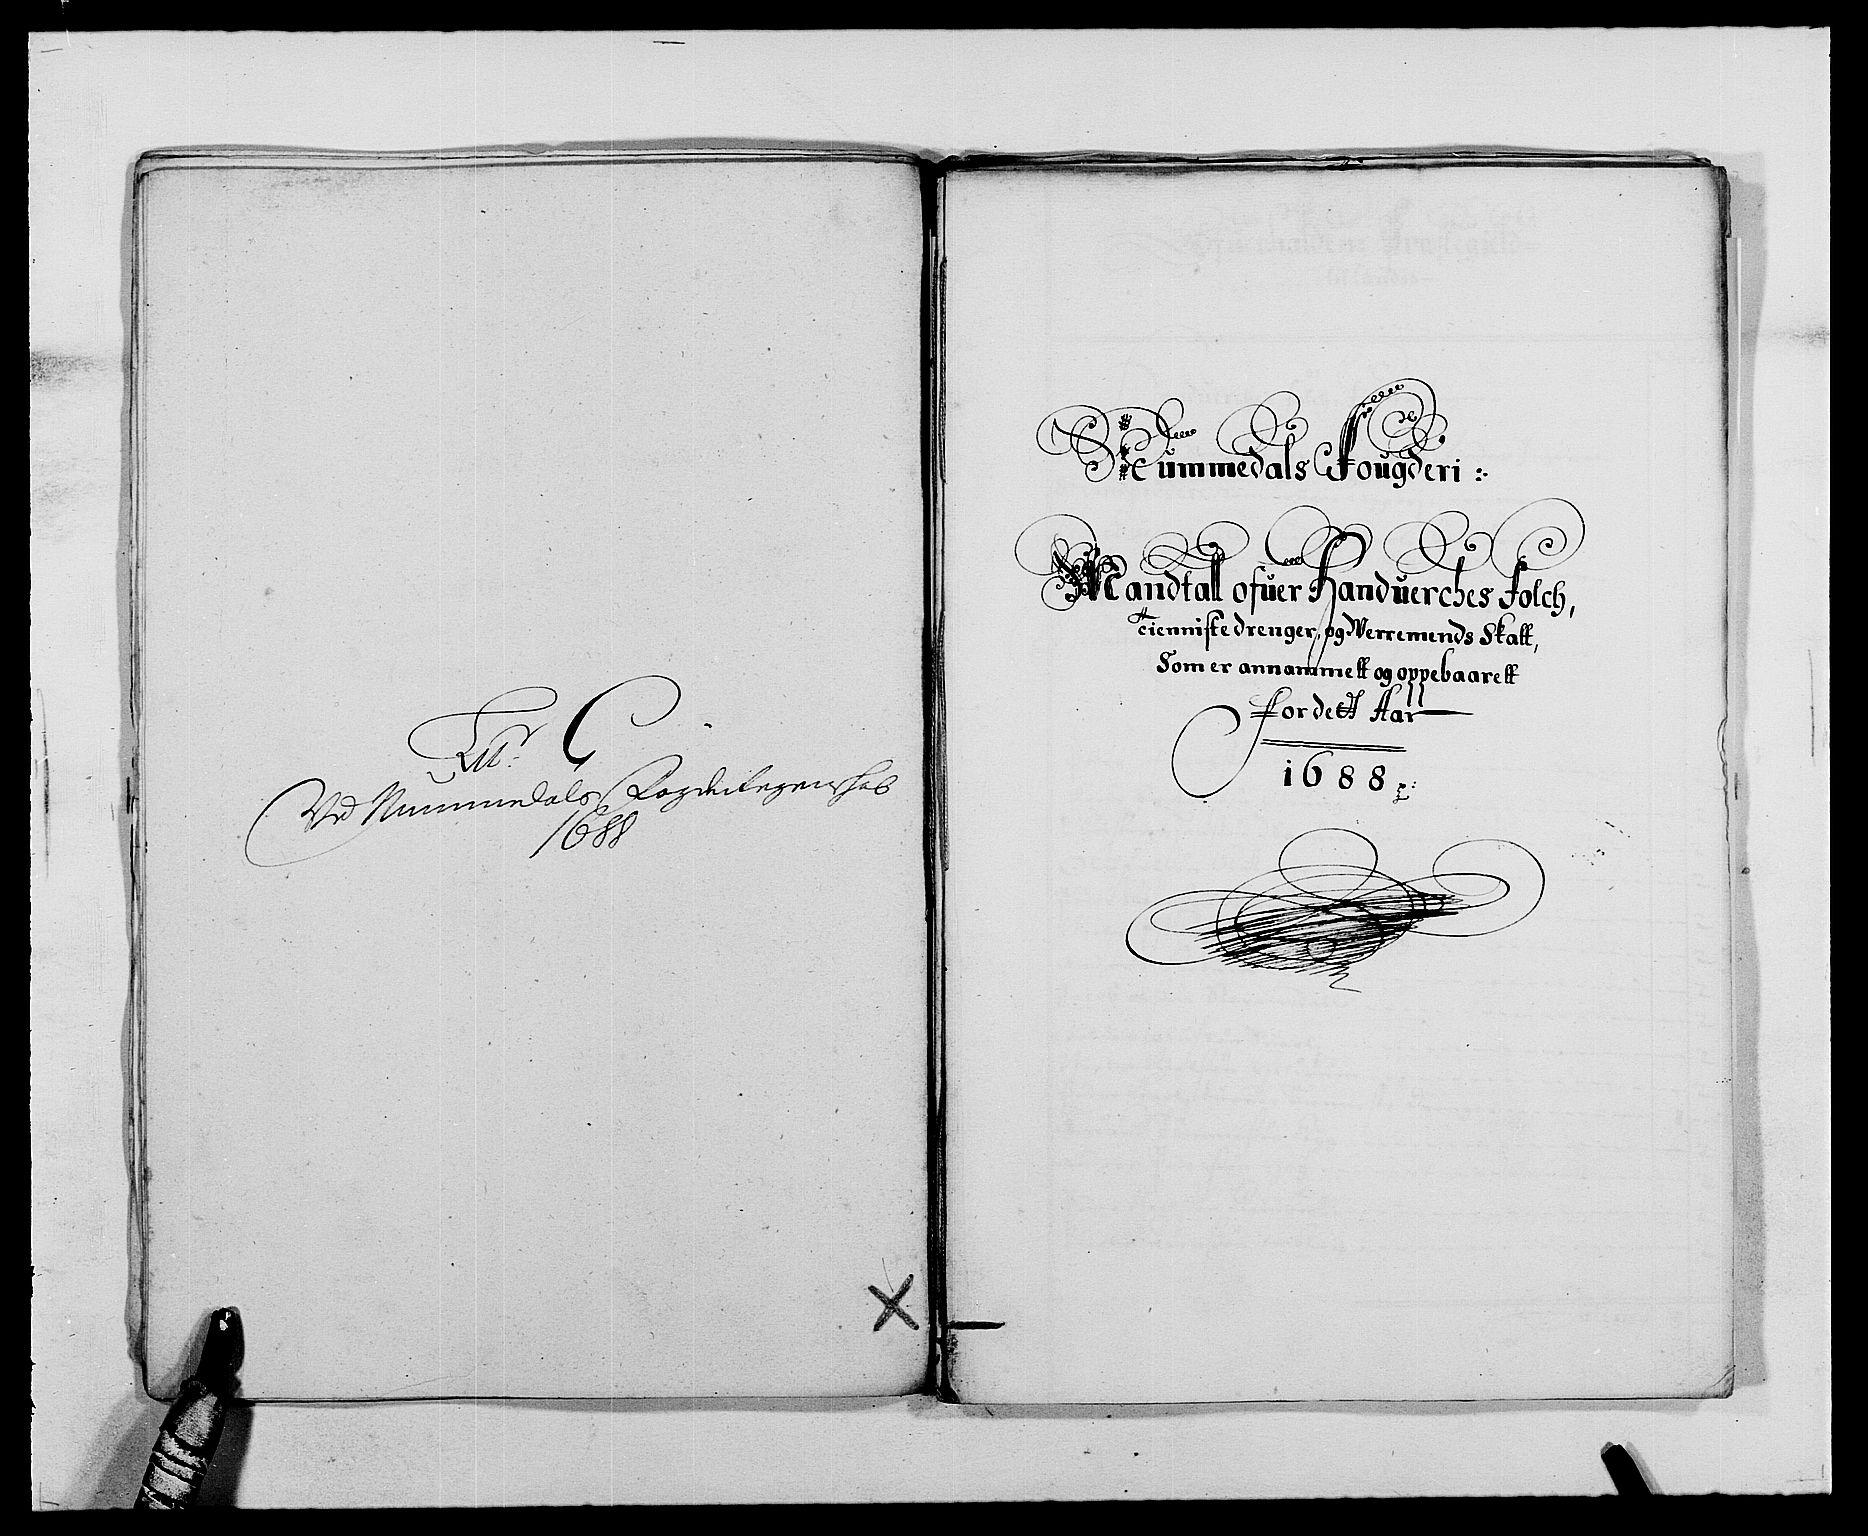 RA, Rentekammeret inntil 1814, Reviderte regnskaper, Fogderegnskap, R64/L4422: Fogderegnskap Namdal, 1687-1689, s. 109